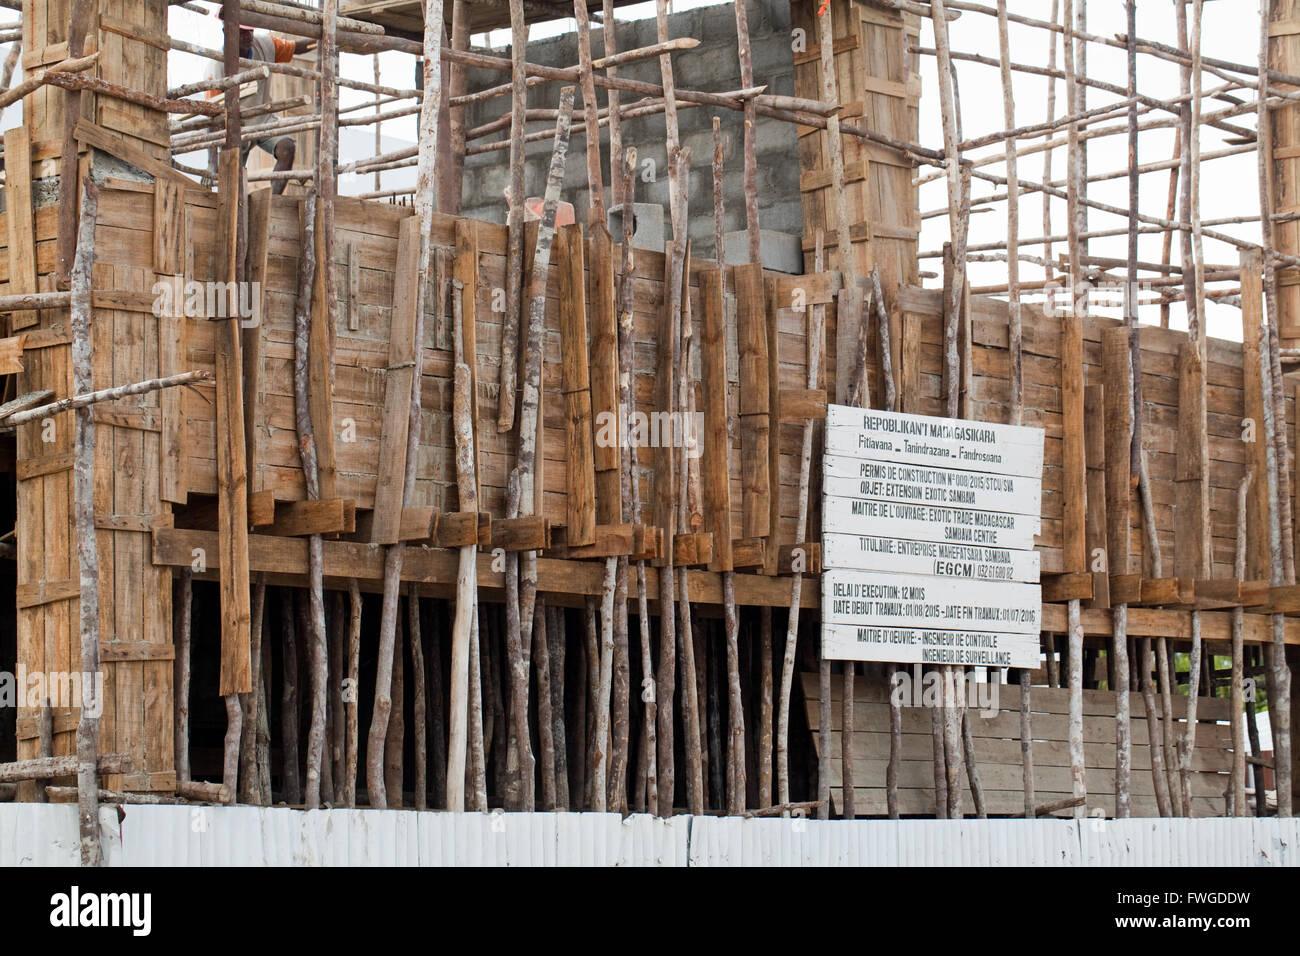 Building Construction. Wood Scaffolding. Sambava. Madagascar. - Stock Image